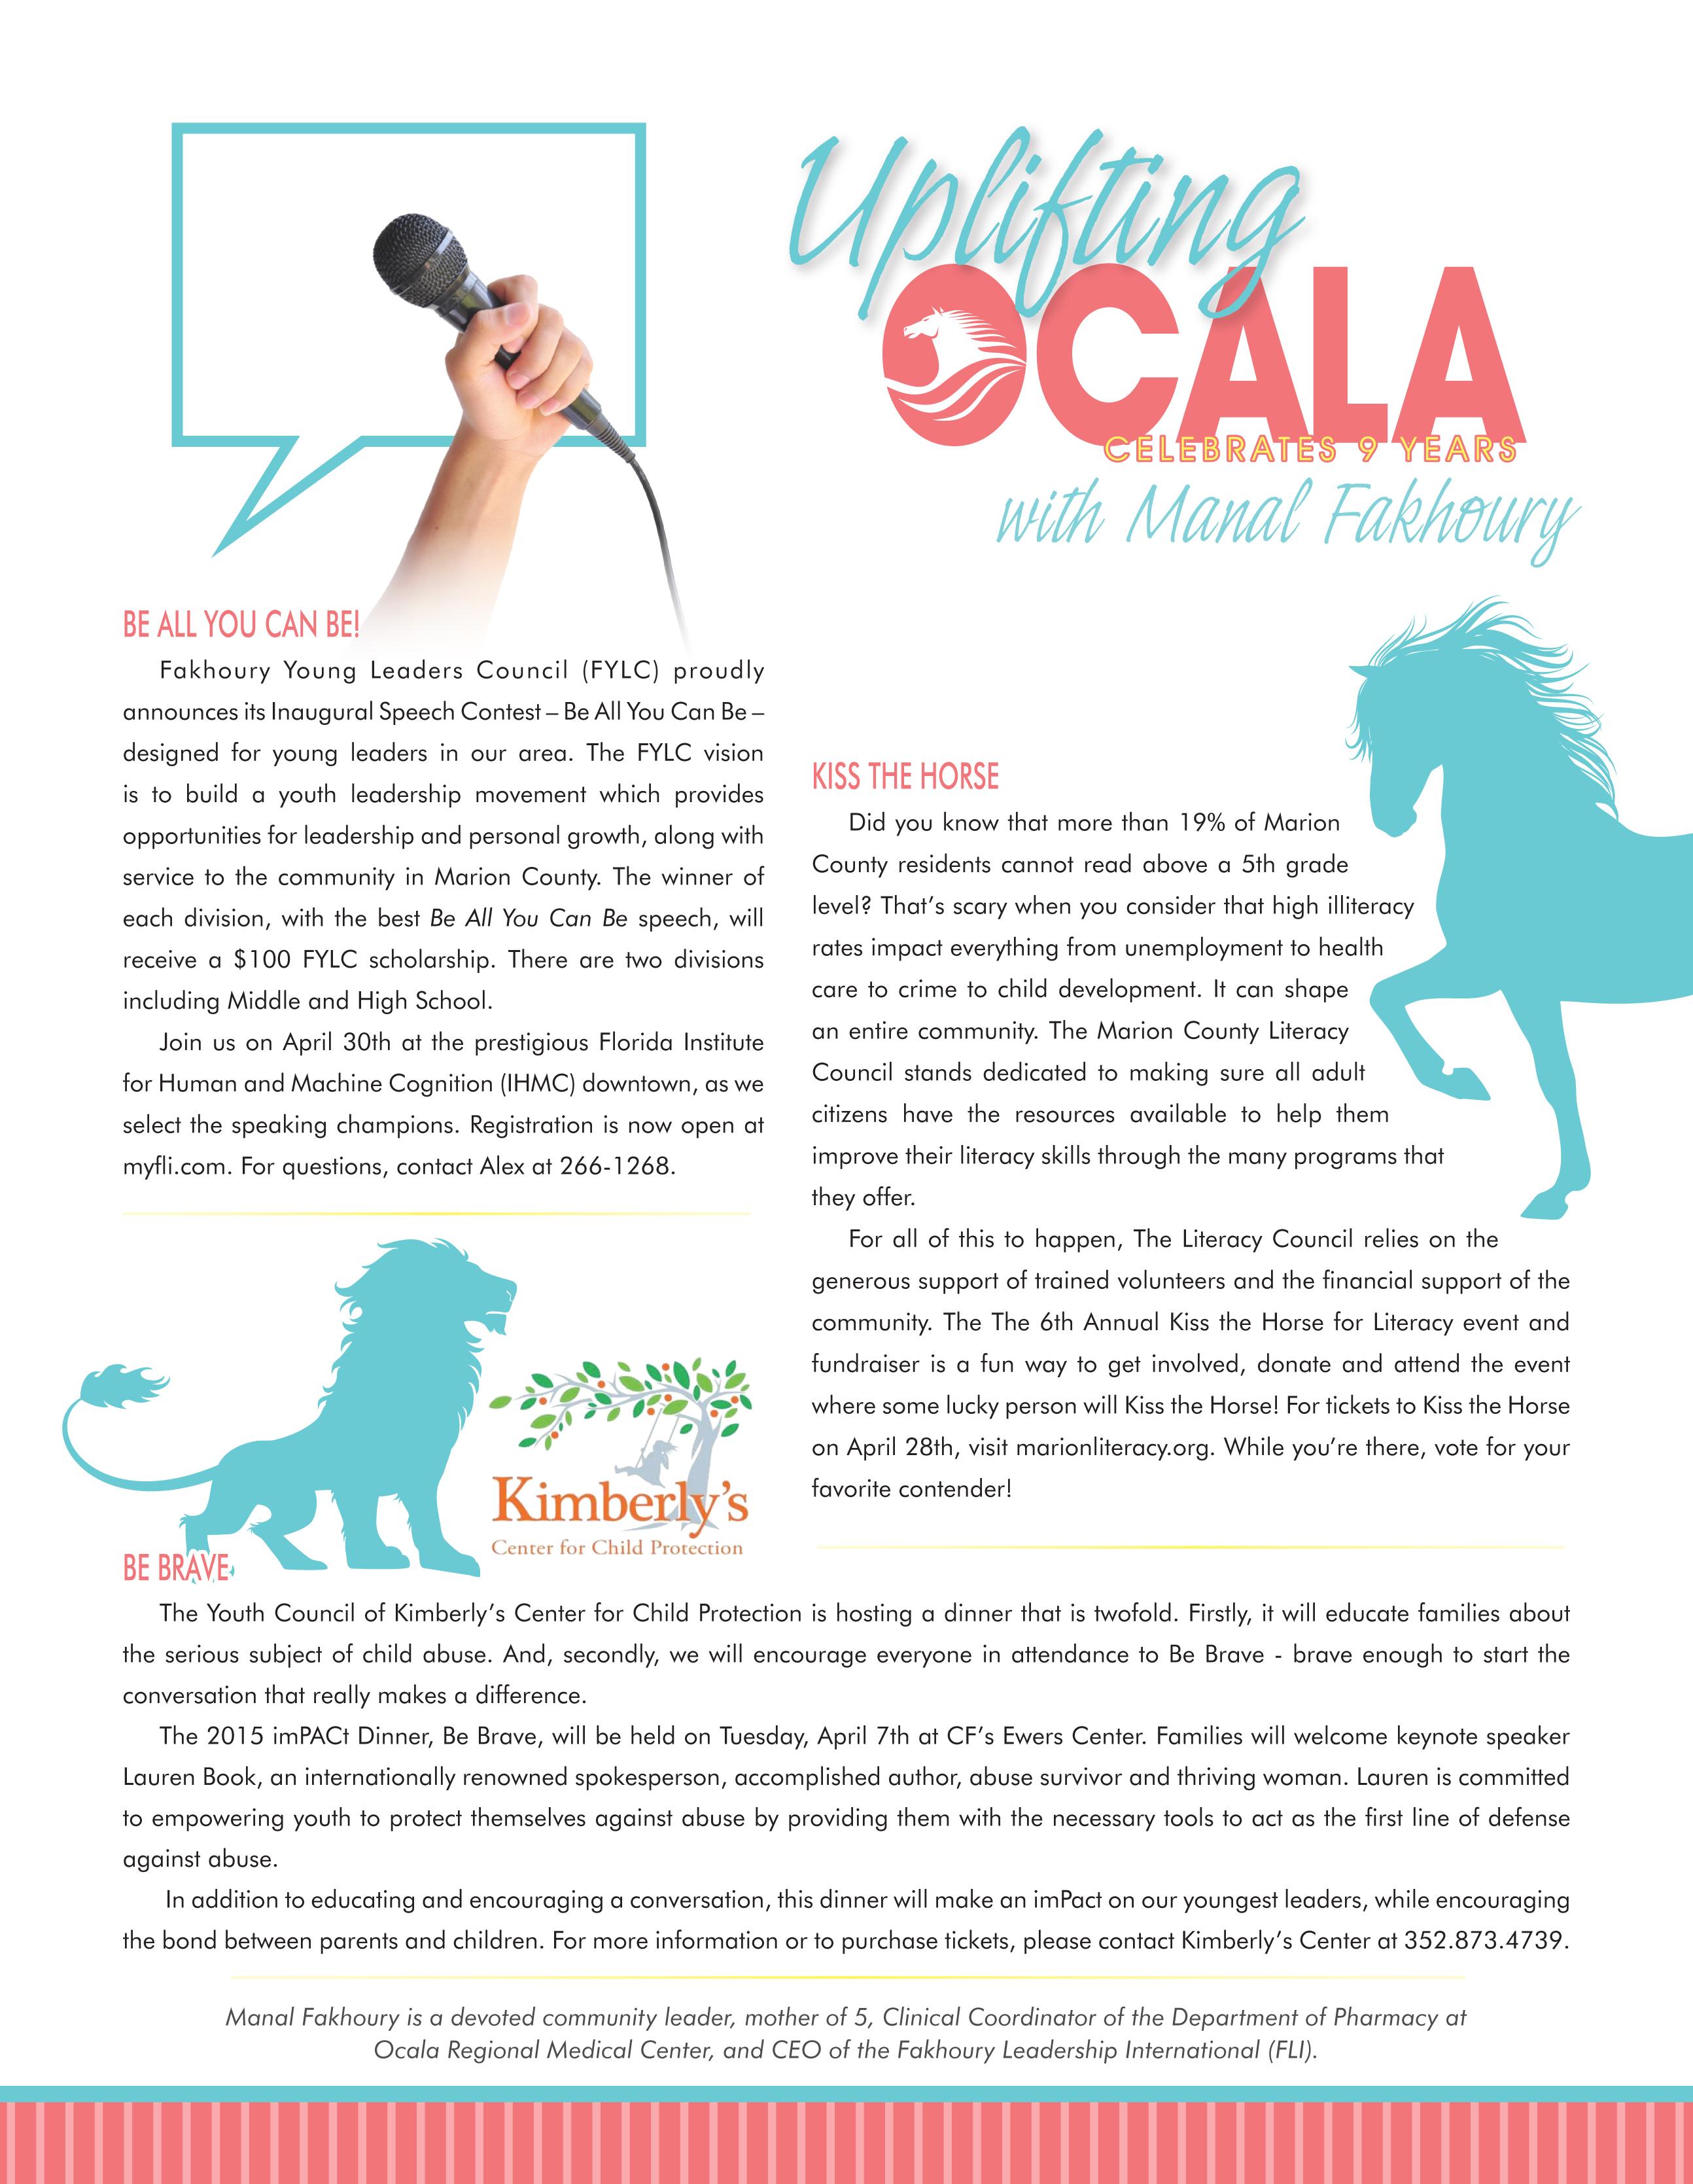 Uplifting Ocala